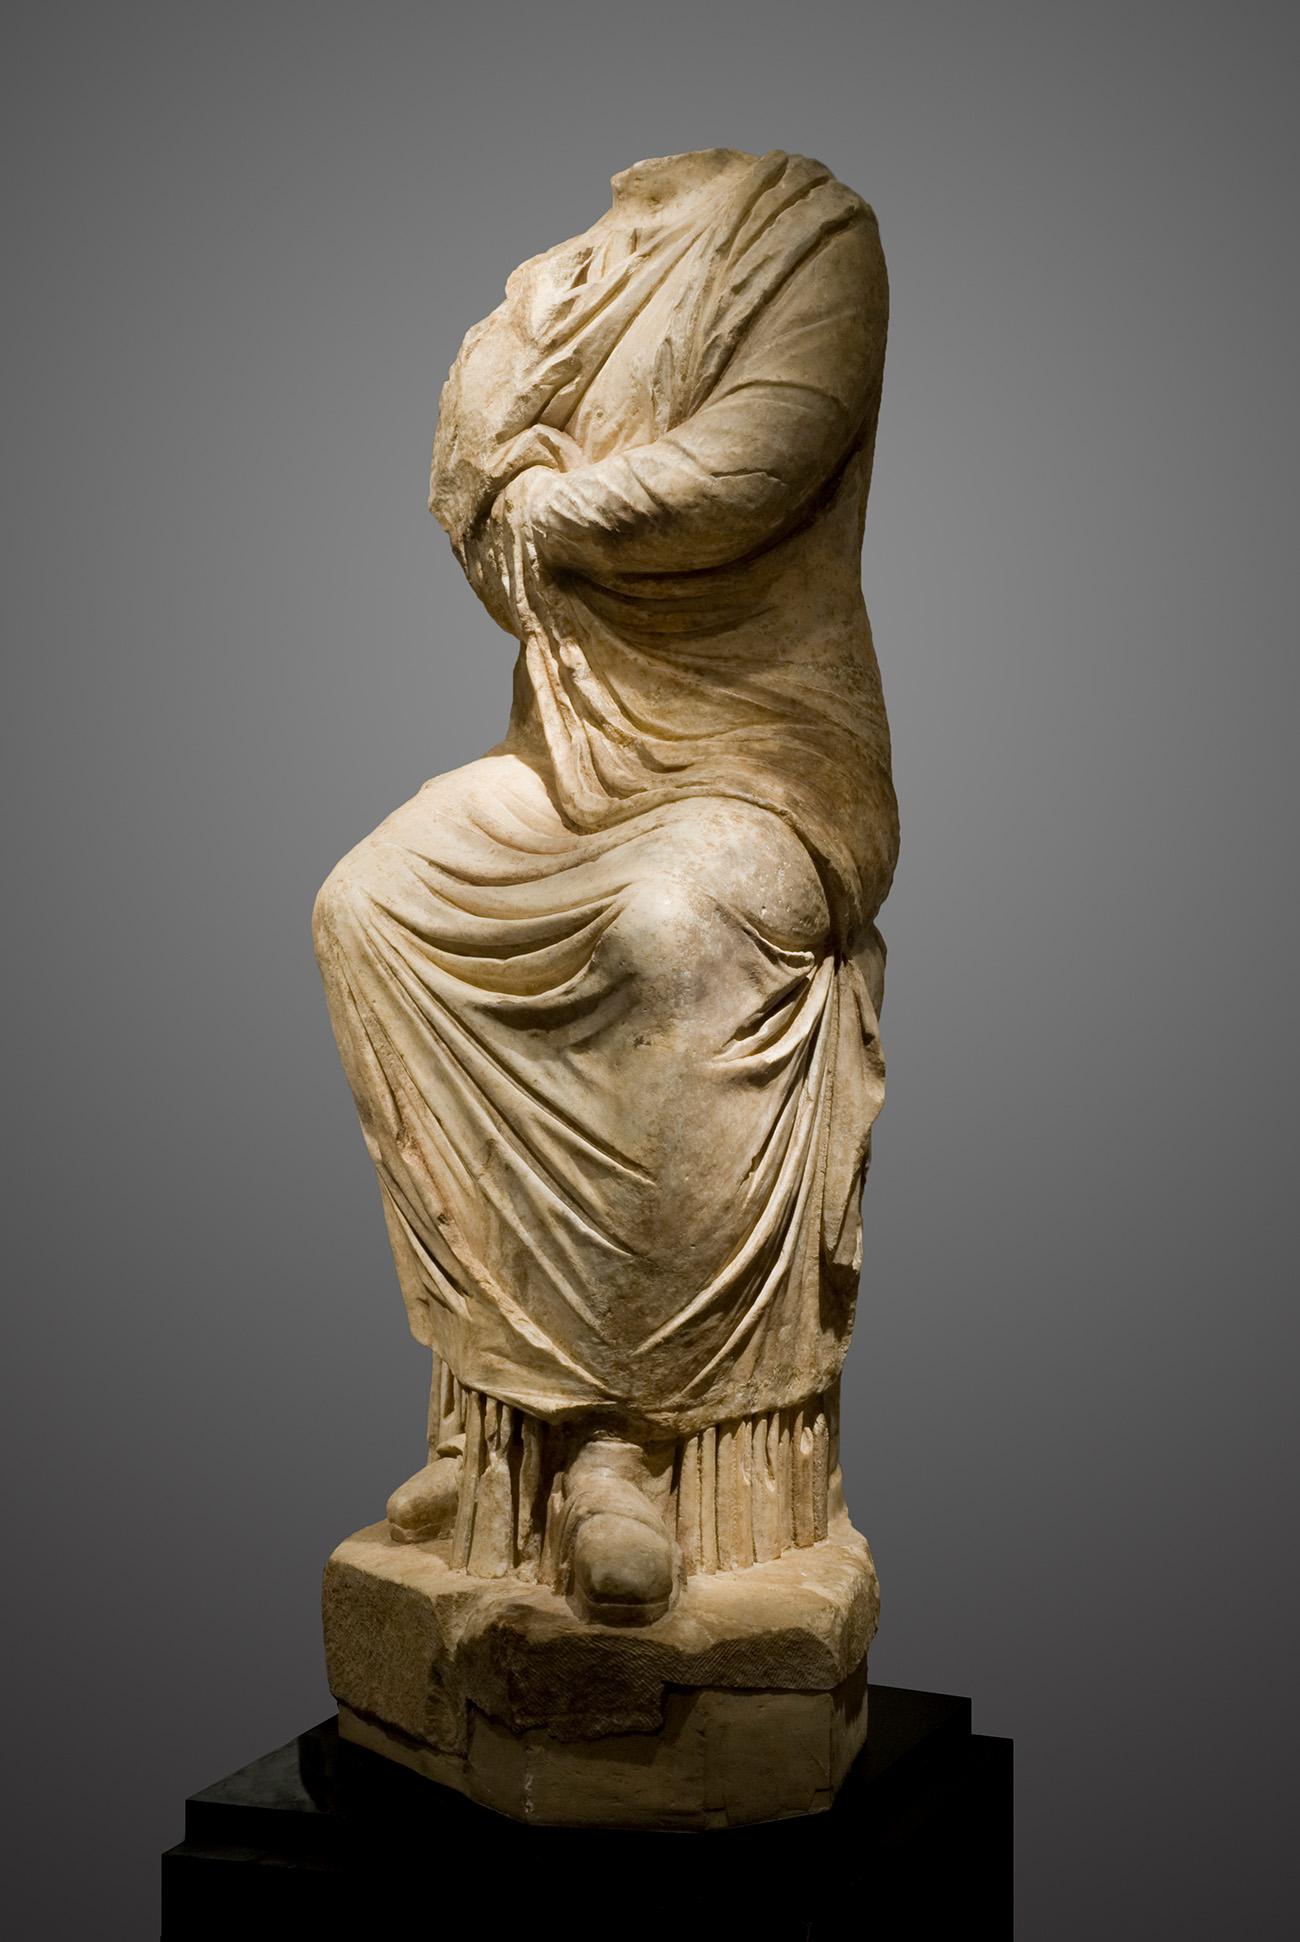 Escultura togada monumental.